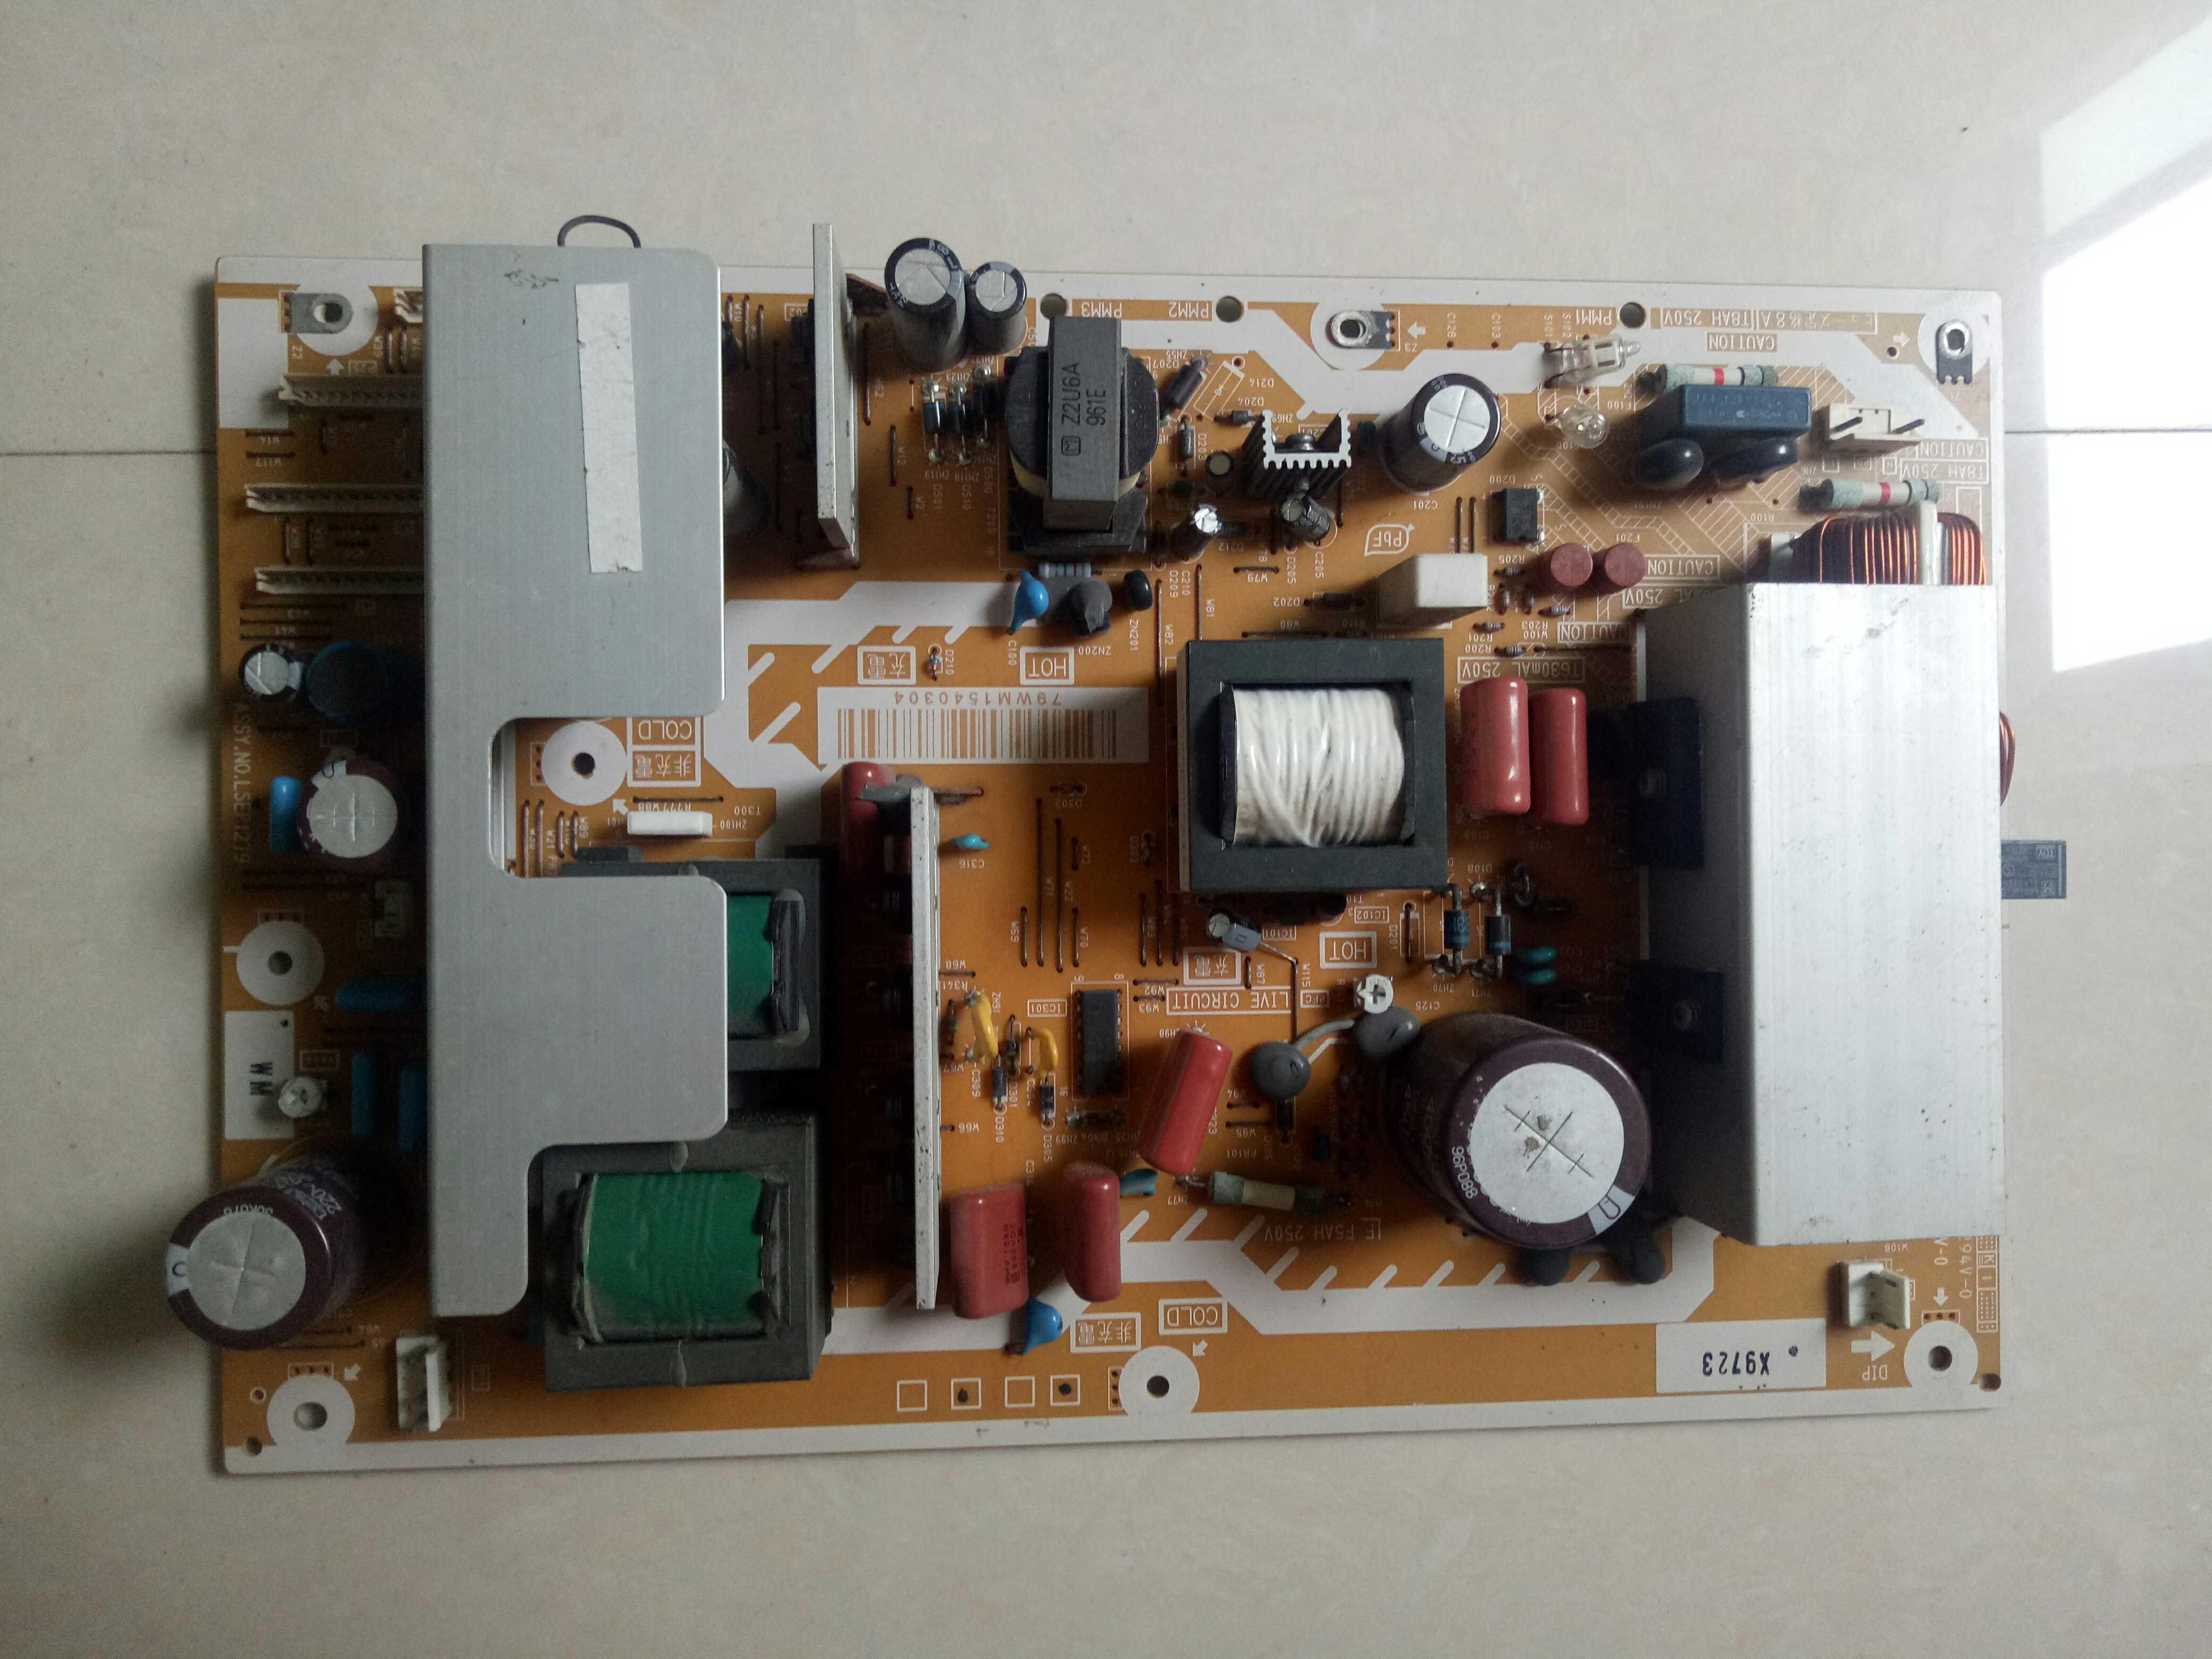 原装长虹PT50618A电源板型号 ASSY.N0.LSEP1279